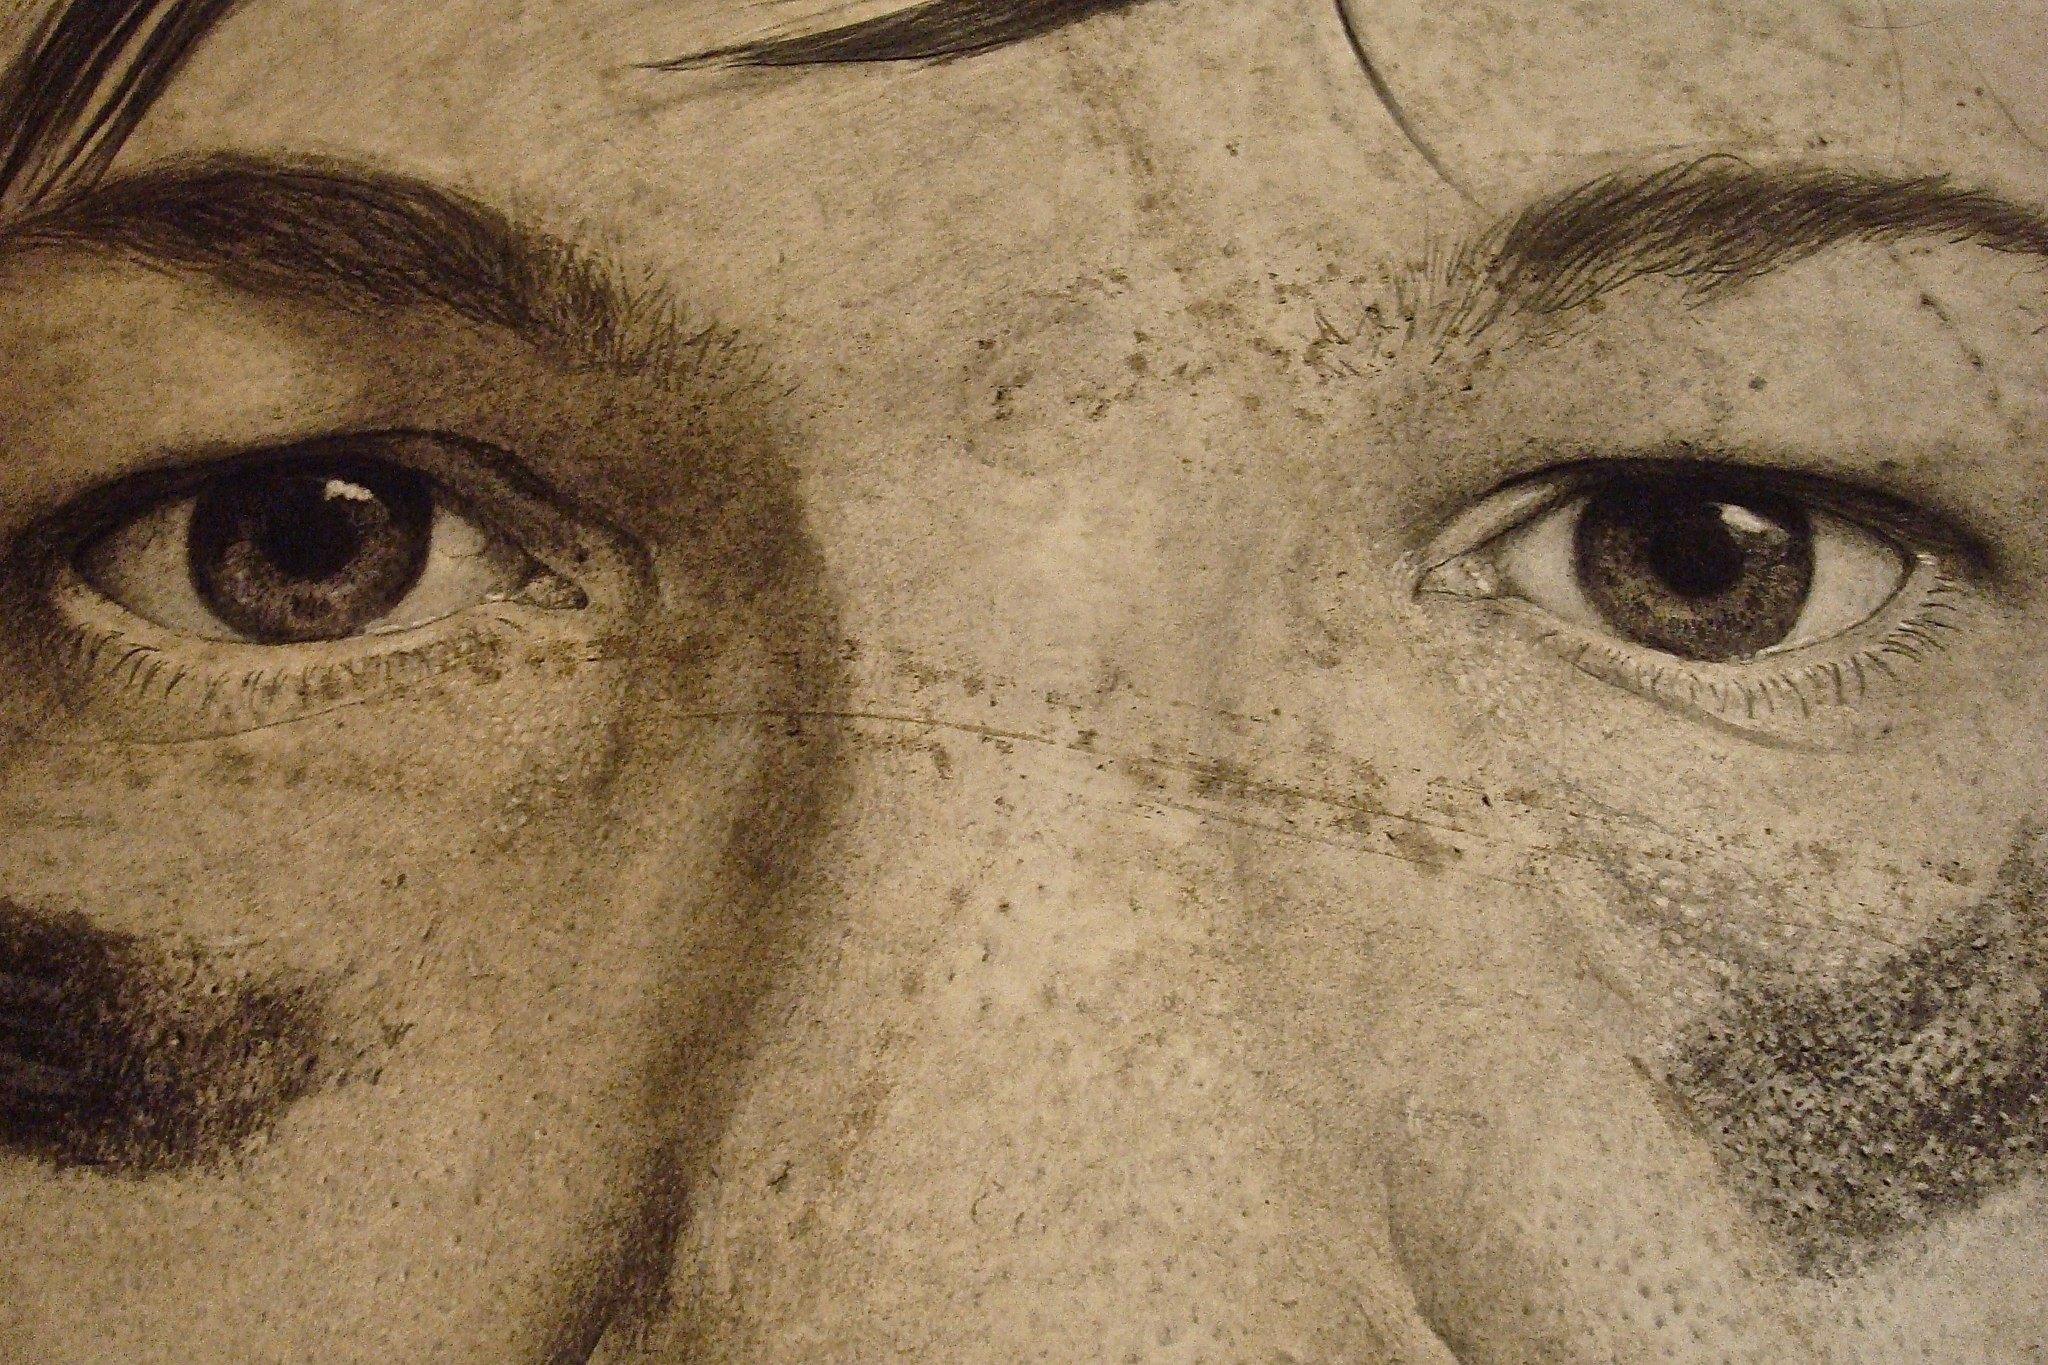 Self-portrait detail